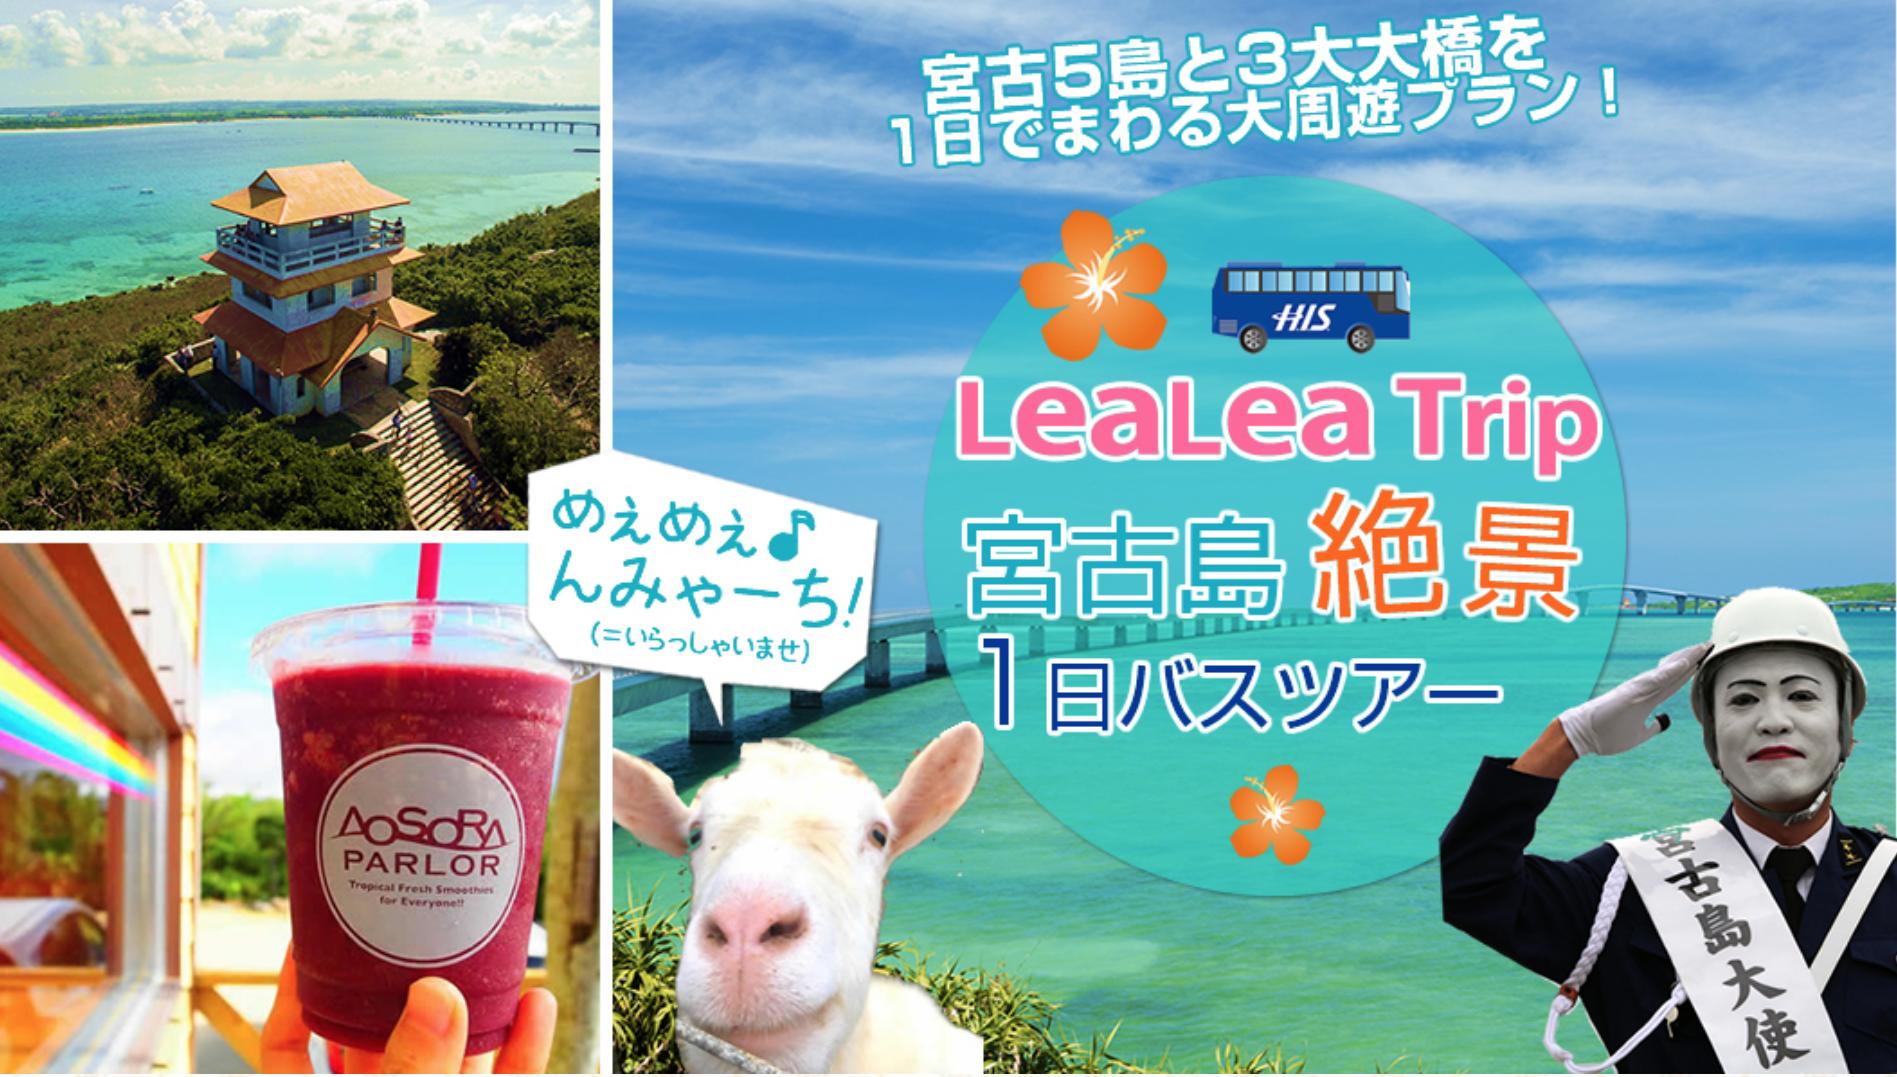 たぶん日本初!宮古島の絶景を巡る周遊バスツアーがh.i.s.から再発売